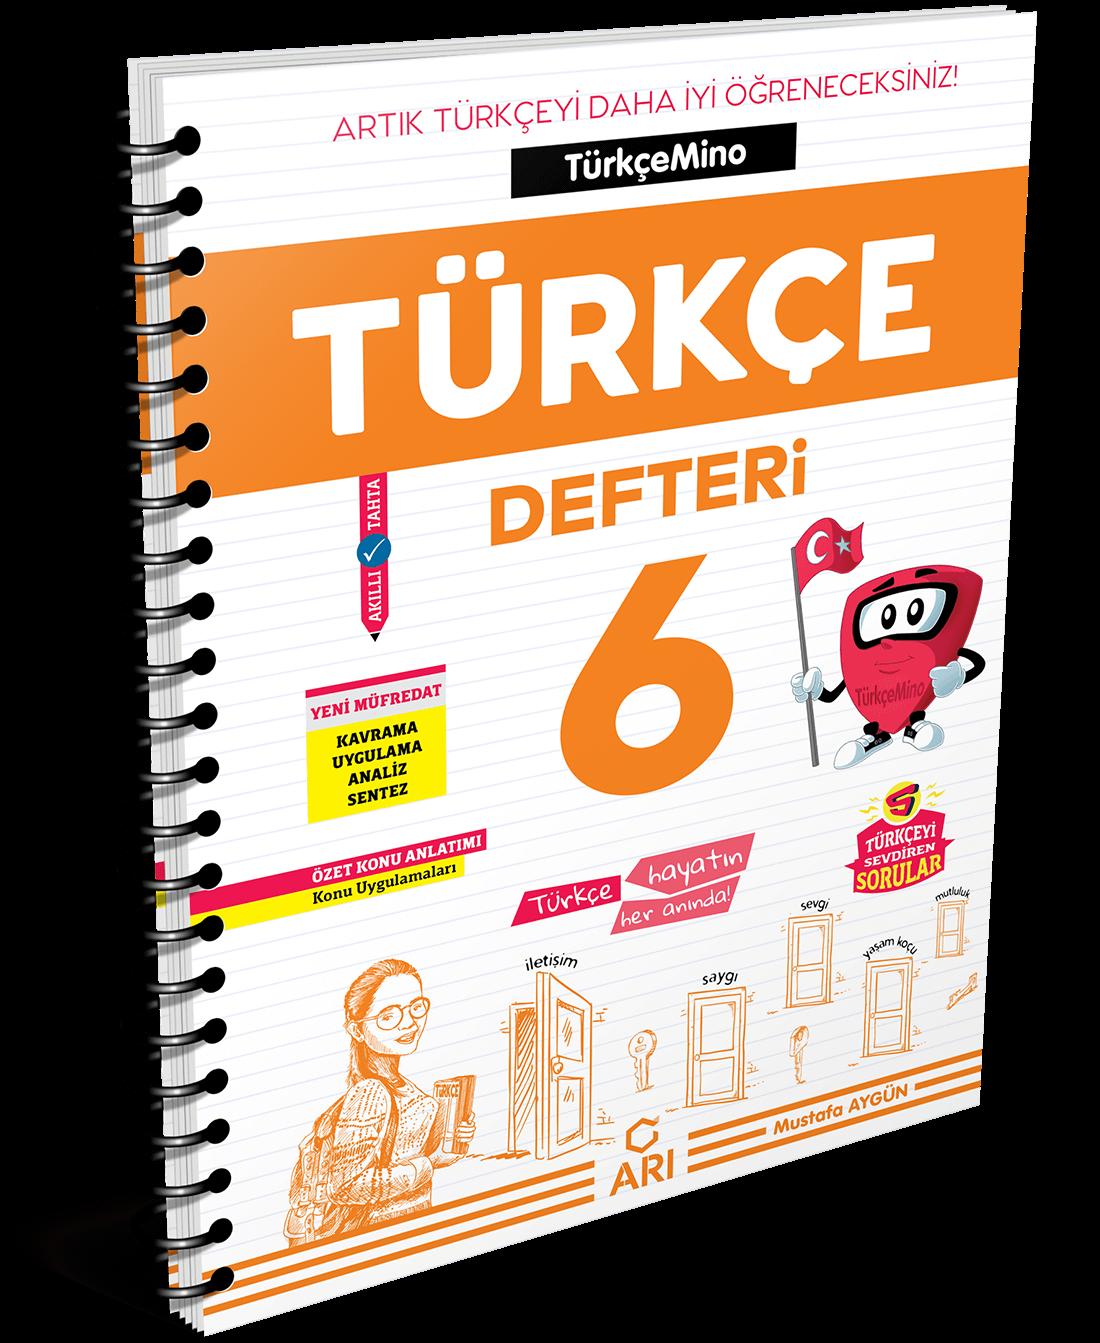 TürkçeMino Türkçe Defteri 6. Sınıf